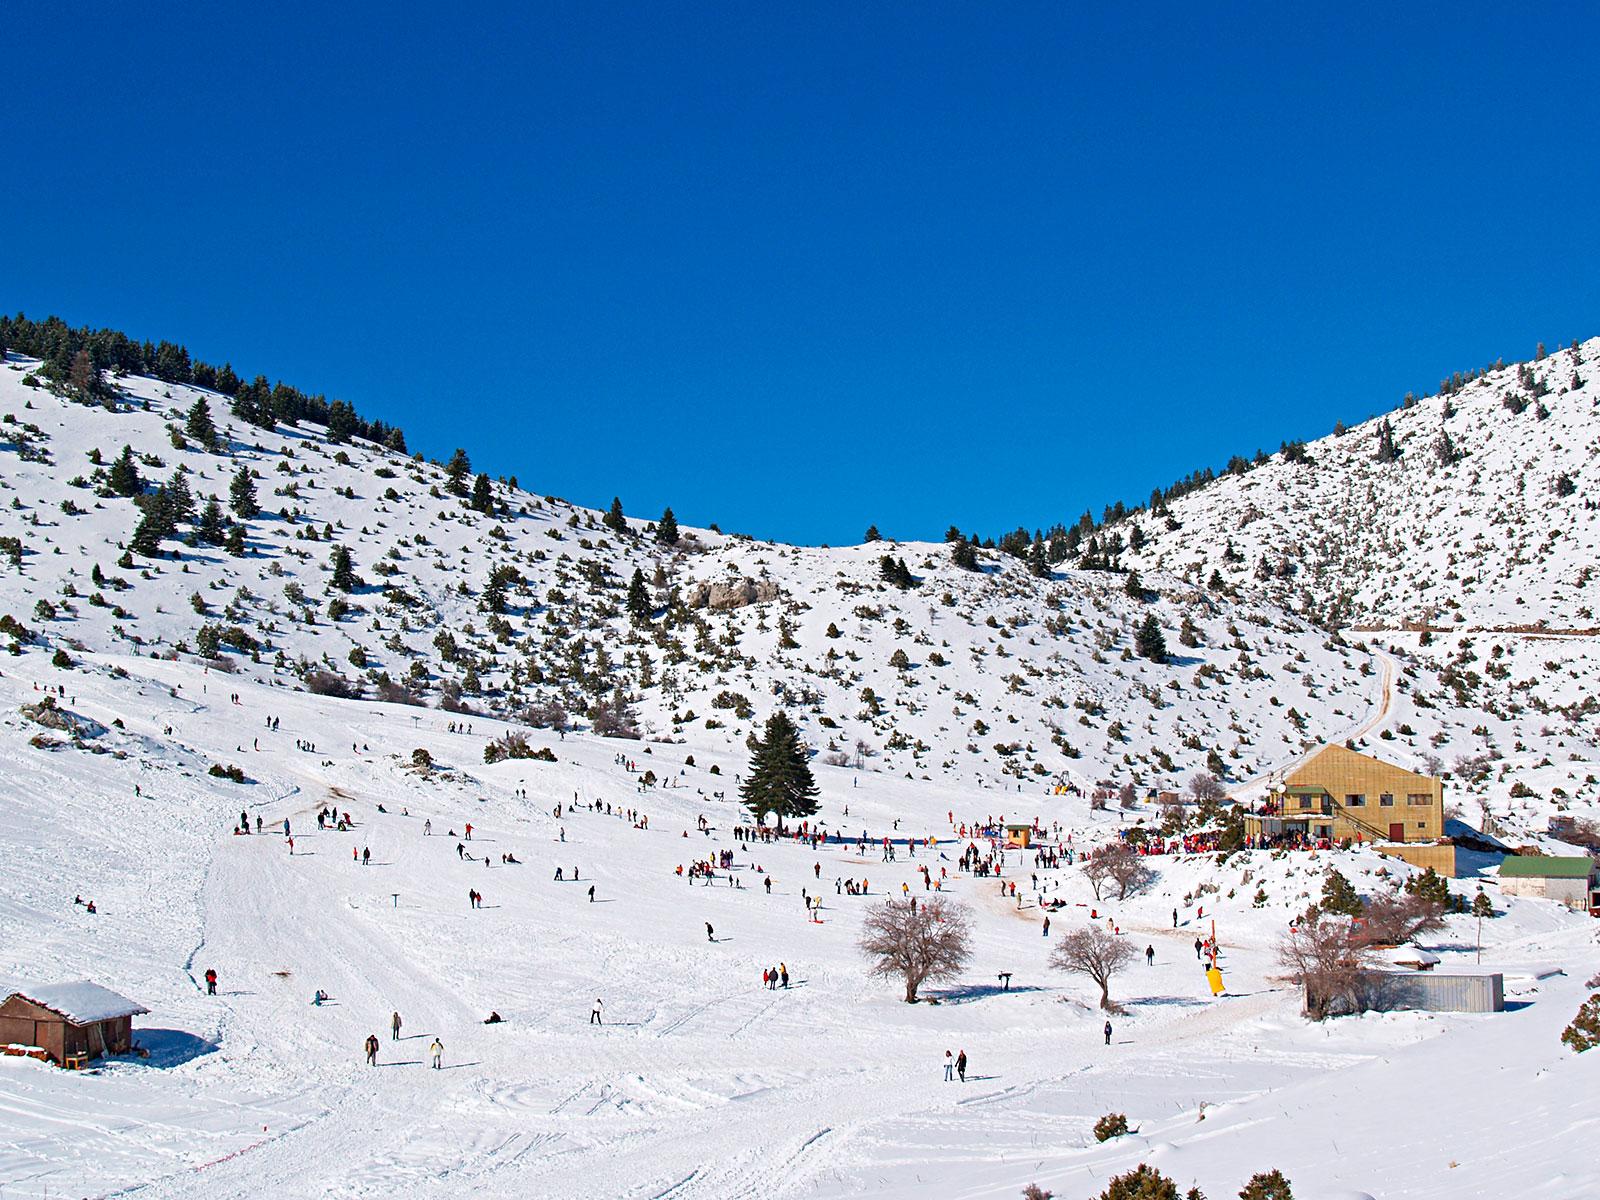 Χιονοδορμικό Κέντρο Μαινάλου